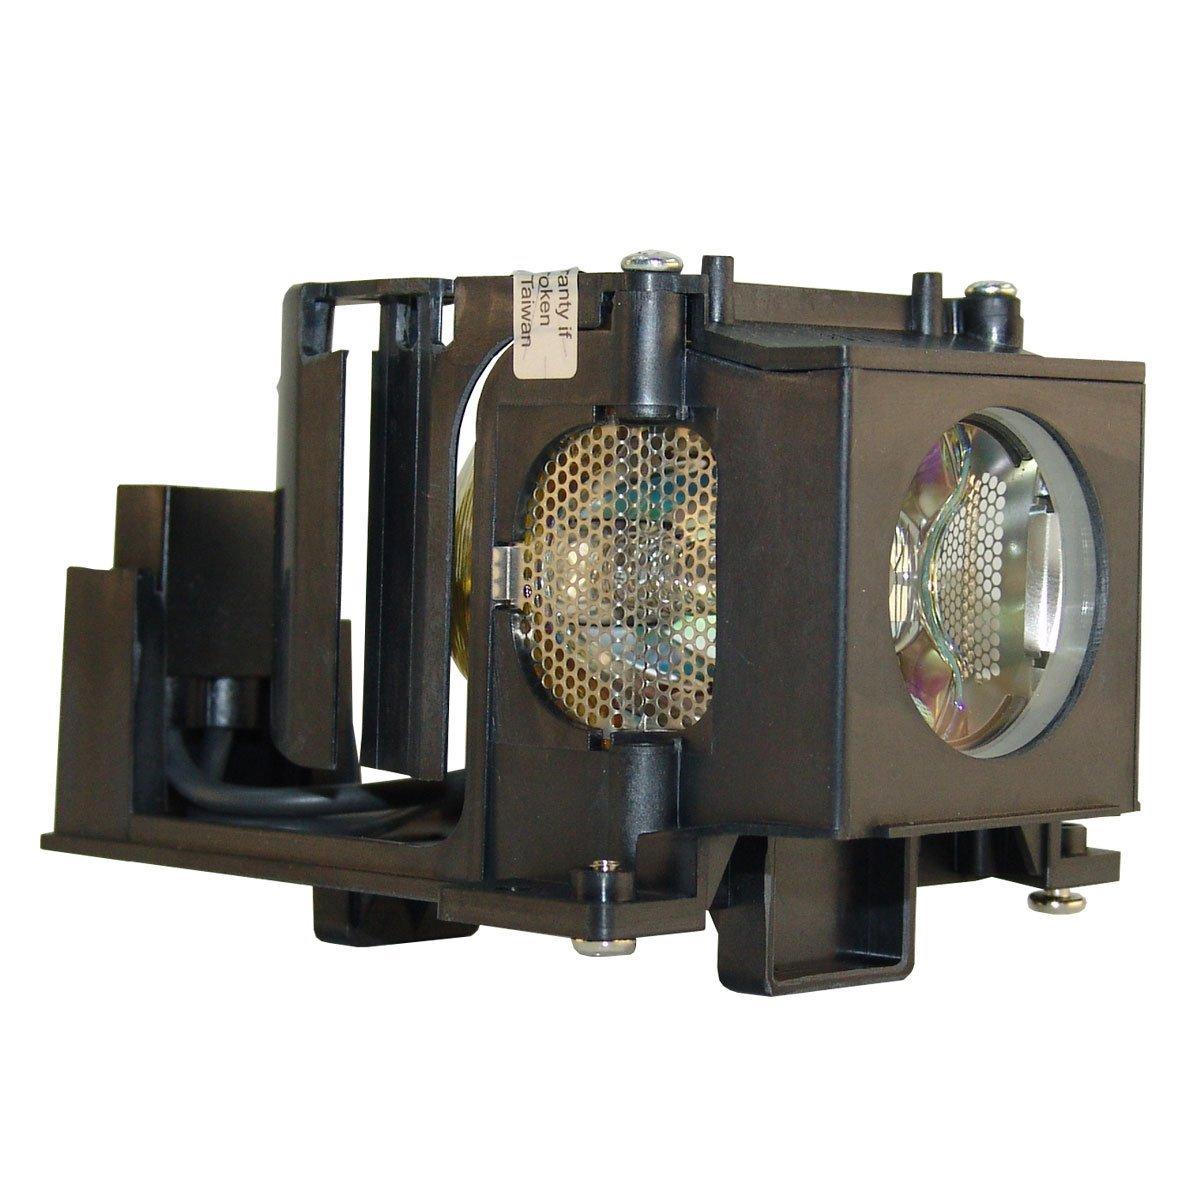 POA-LMP107 LMP107 610-330-4564 for SANYO PLC-XW55A PLC-XE32 PLC-XW55 PLC-XW56 XW56 PLC-XW50 Projector Lamp Bulb With Housing compatible projector lamp for sanyo 610 303 5826 poa lmp53 plc se15 plc sl15 plc su2000 plc su25 plc su40 plc xu36 plc xu40